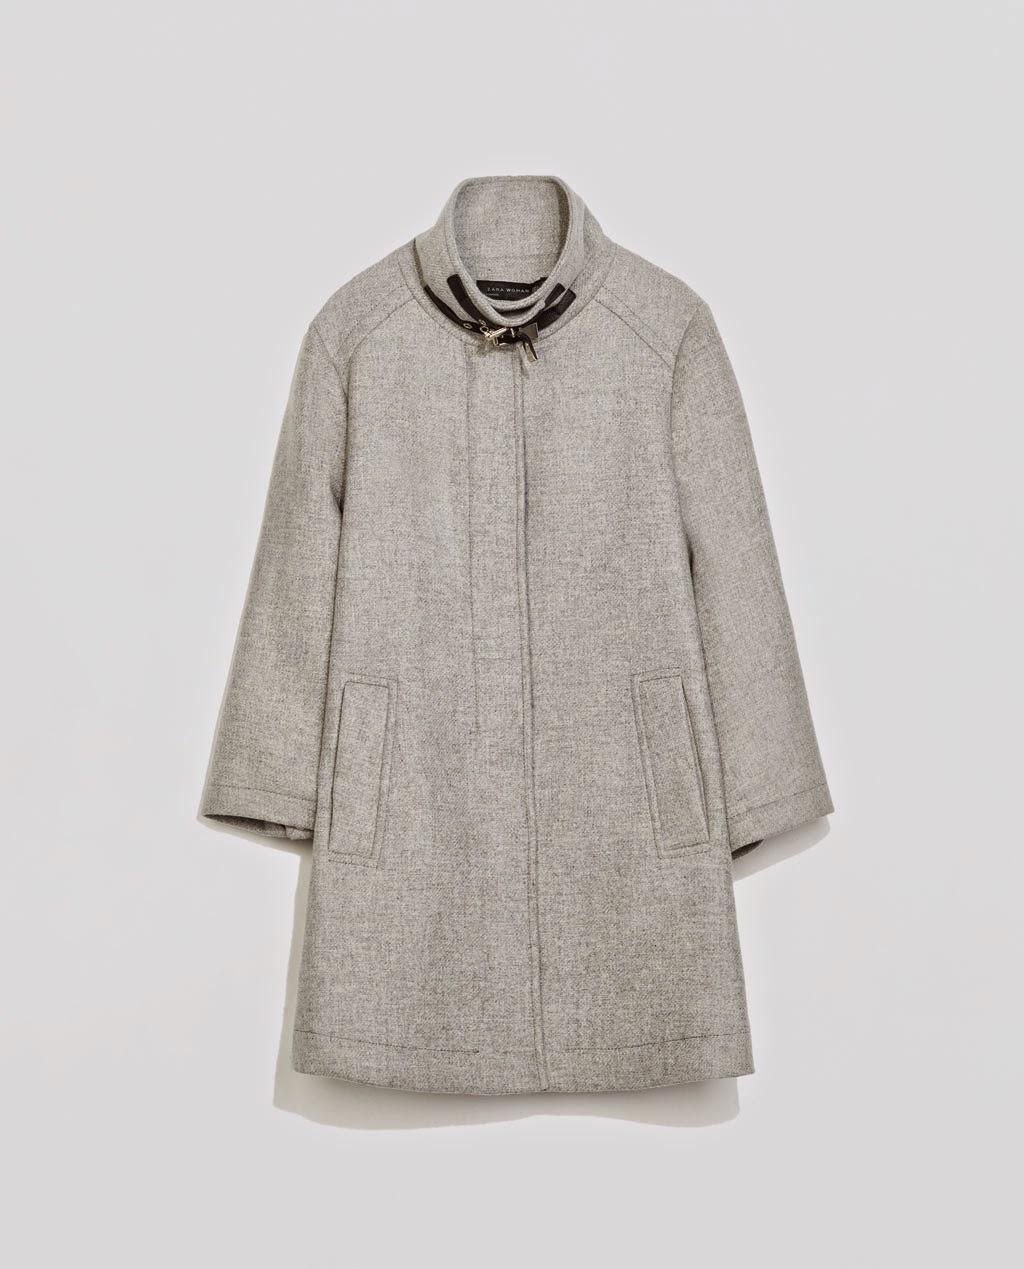 http://www.zara.com/es/es/mujer/abrigos/abrigo-capa-bolsillos-c269183p2334555.html?sharedProduct=true